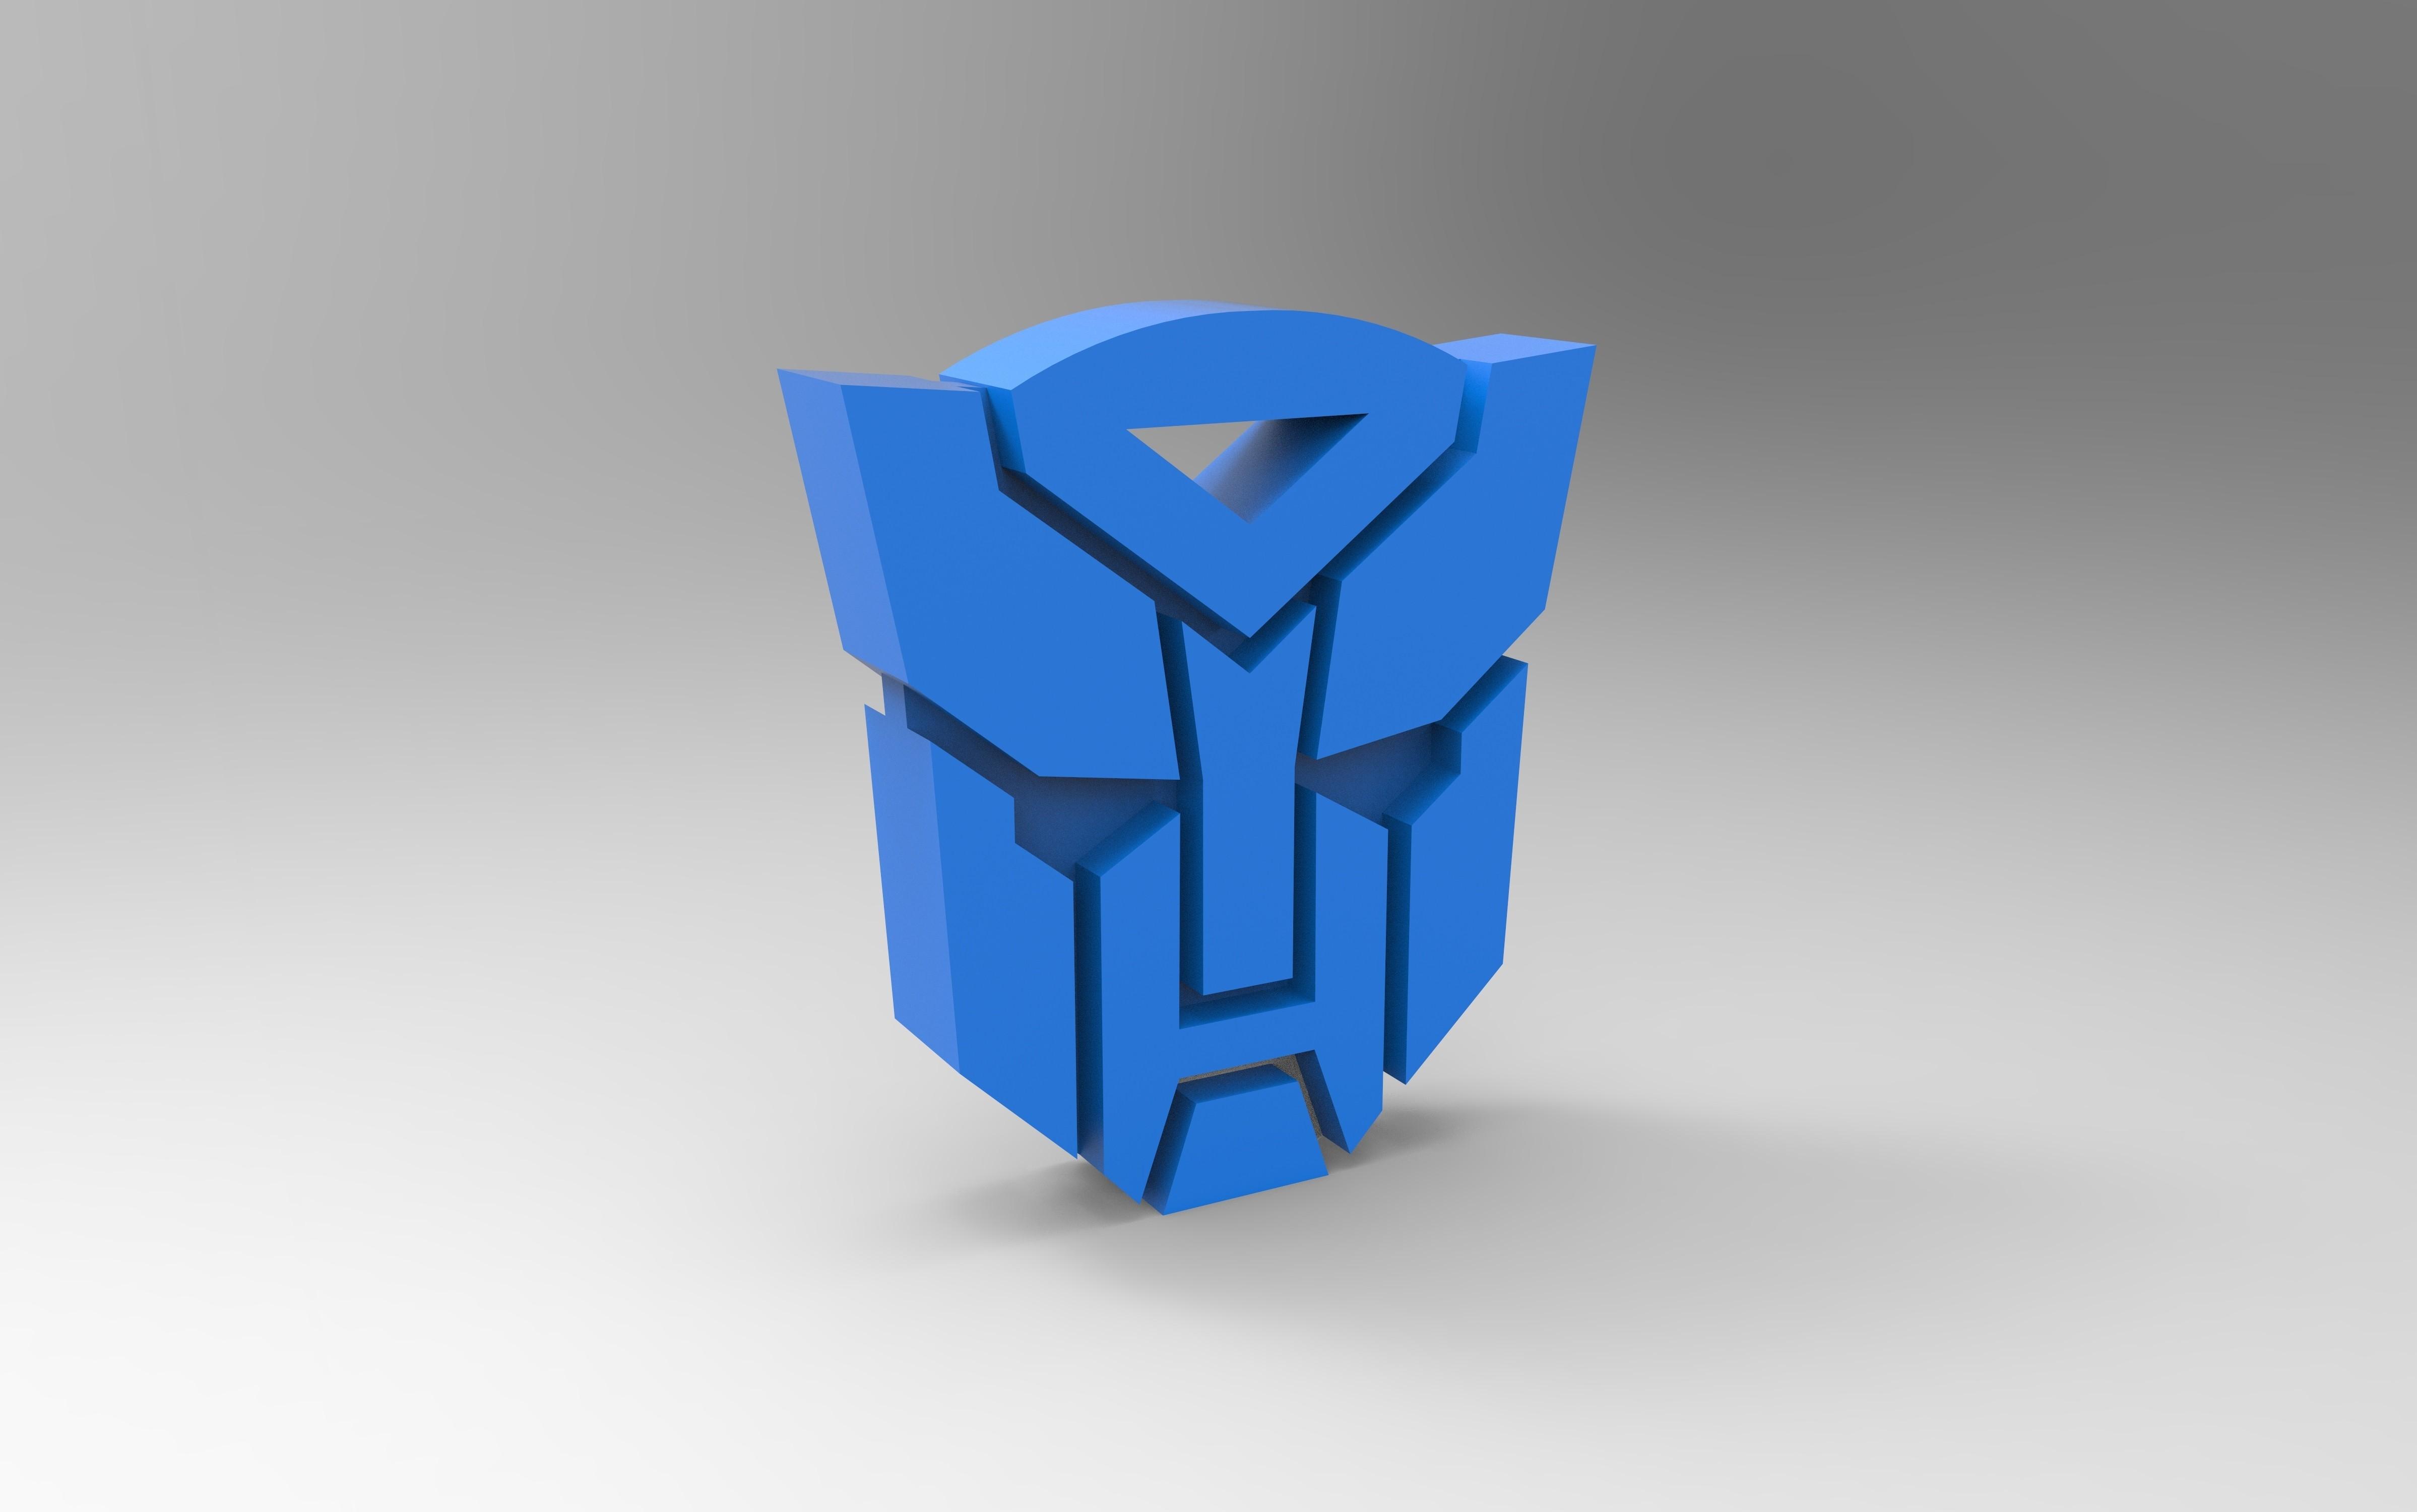 rendu b.jpg Download free STL file Transformers logo • 3D printer template, GuilhemPerroud